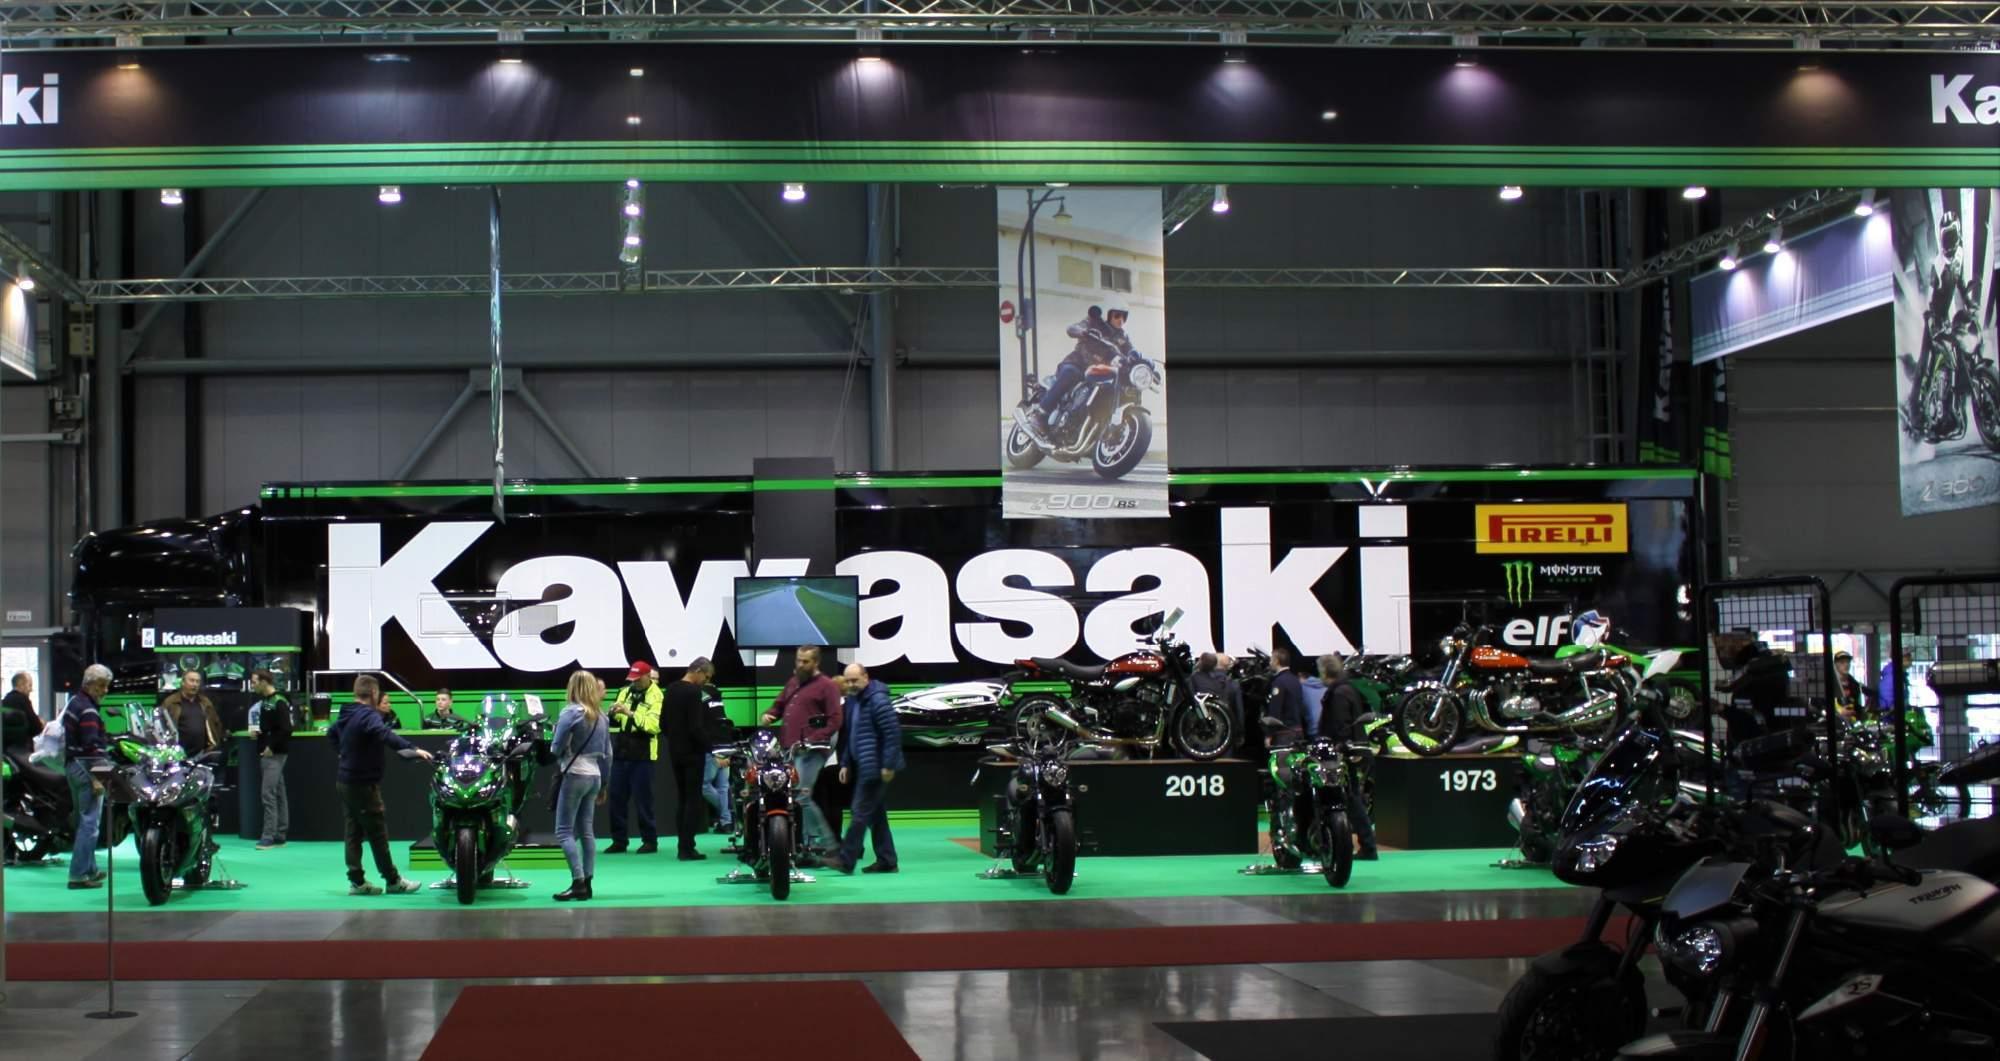 Stánek firmy Kawasaki. Foto: Kateřina Bečková